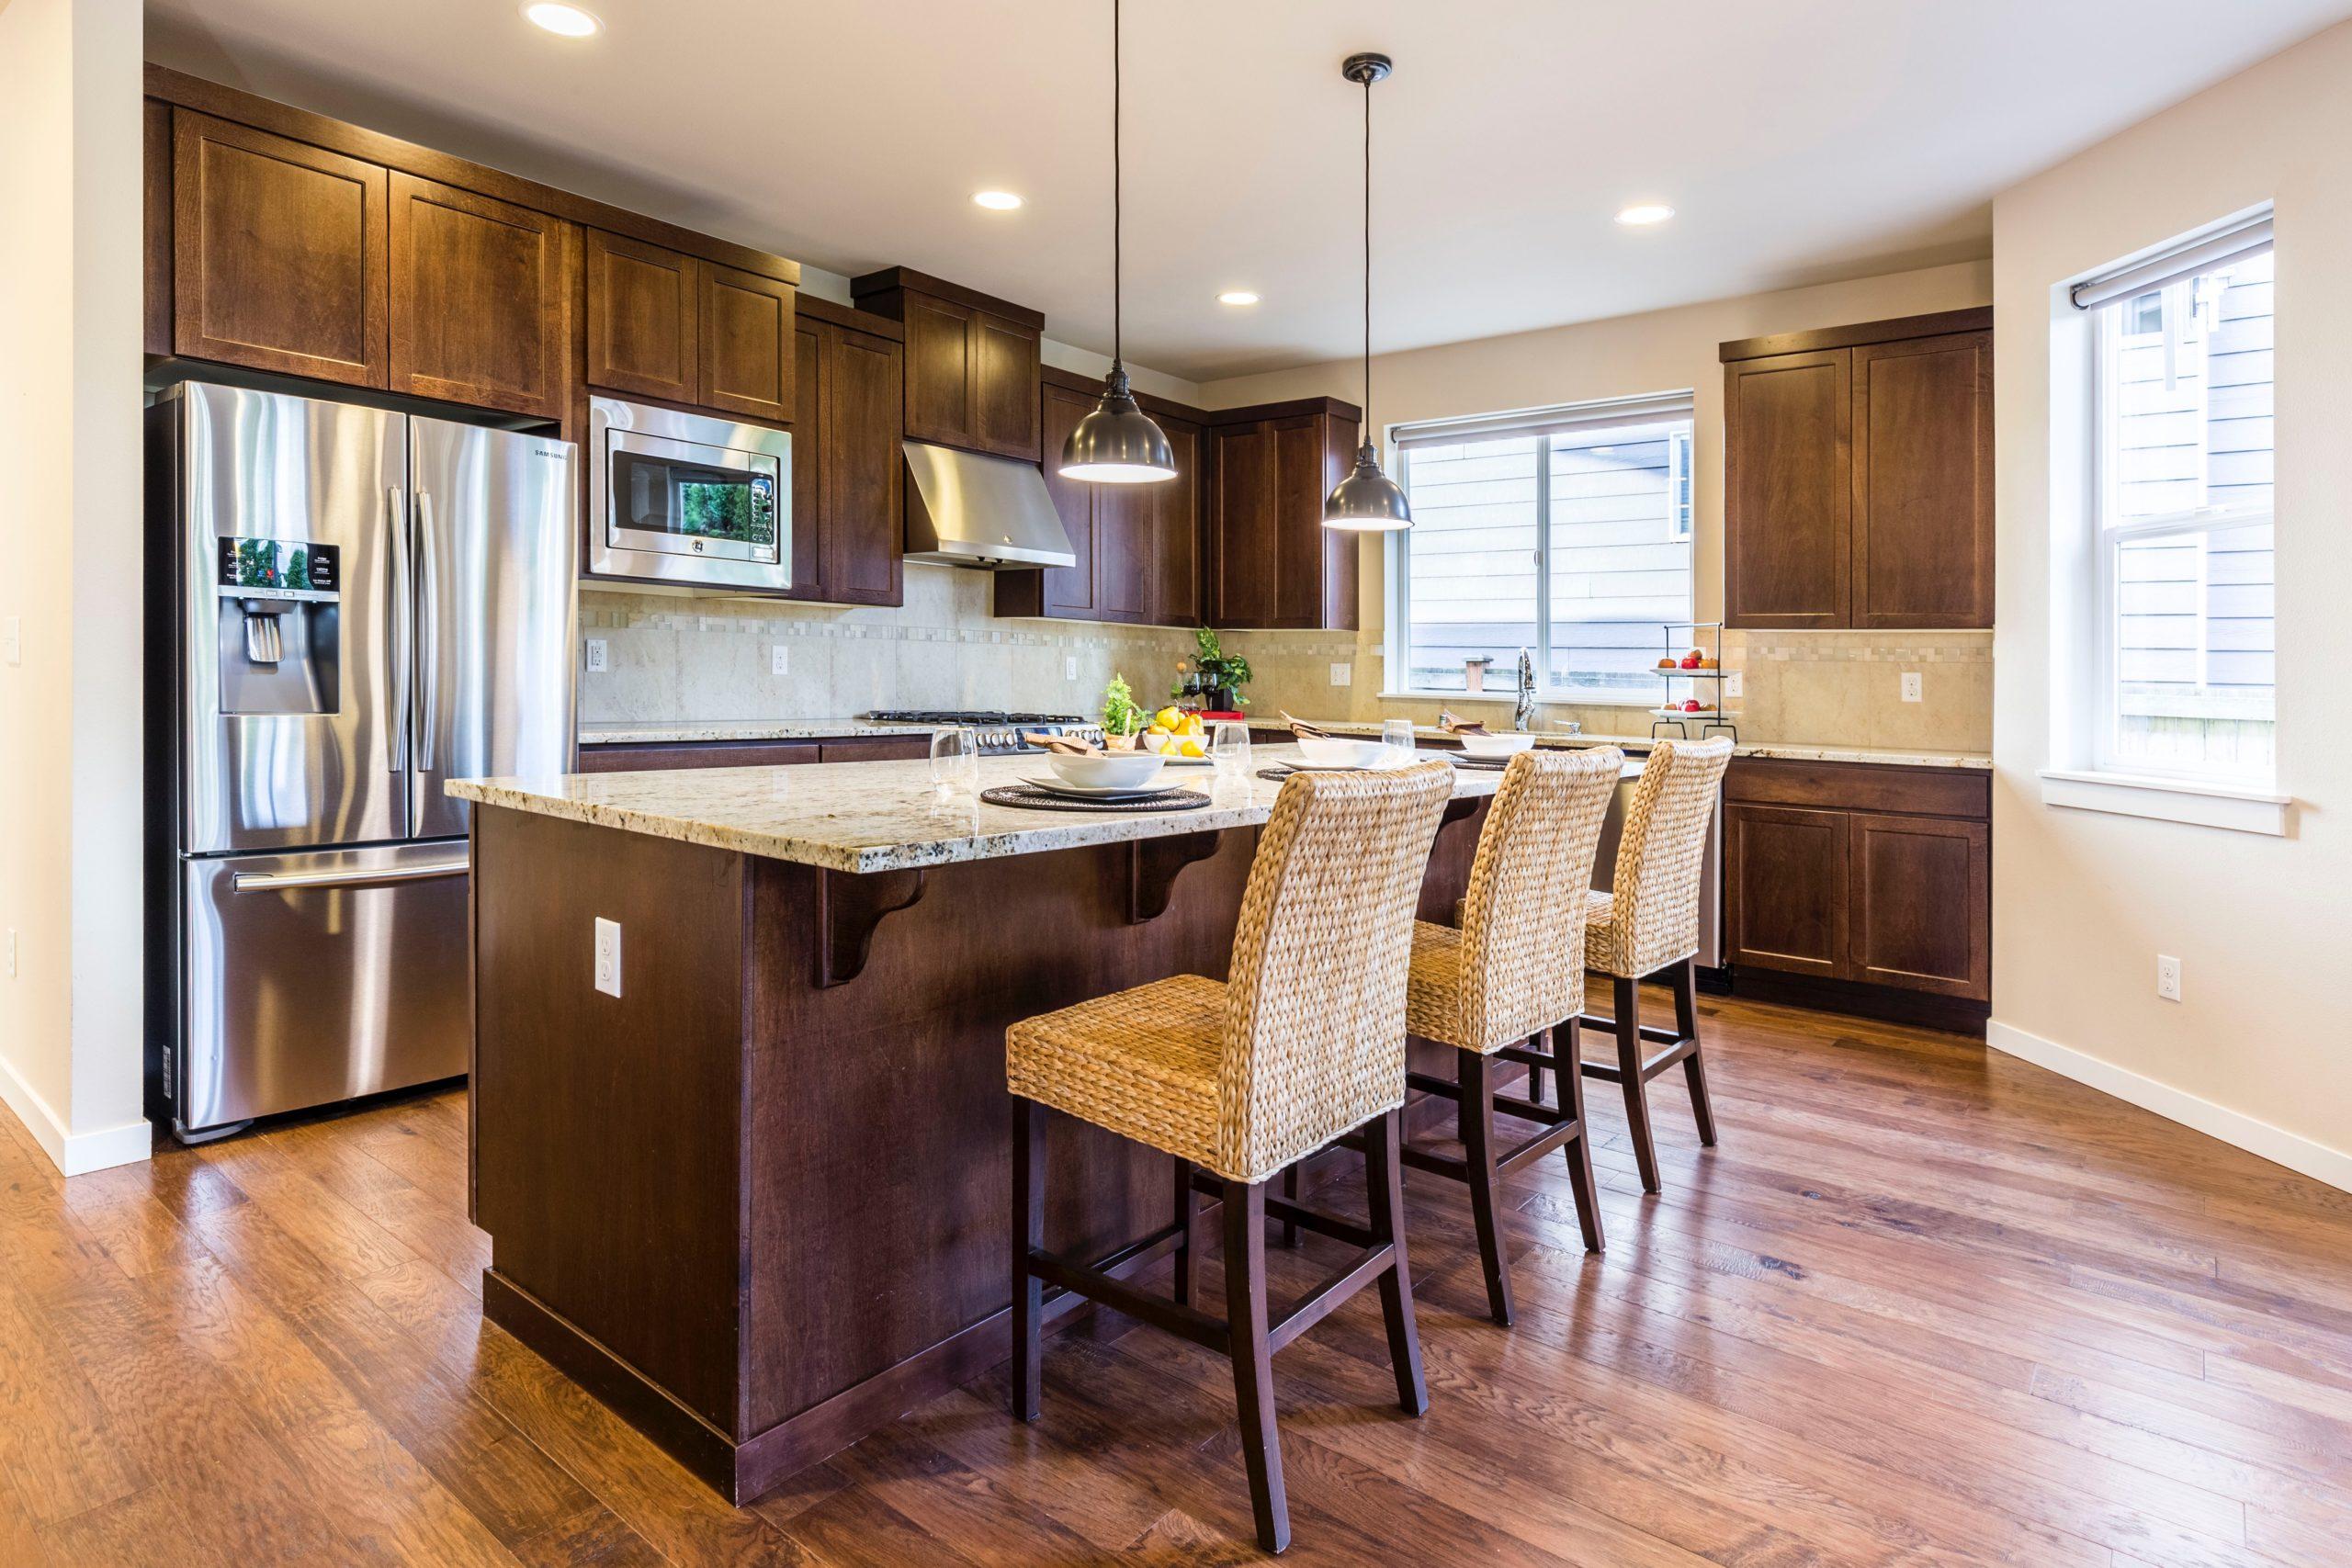 Understanding the Kitchen Cabinet Layout in Newer Homes | Kitchen Art Design